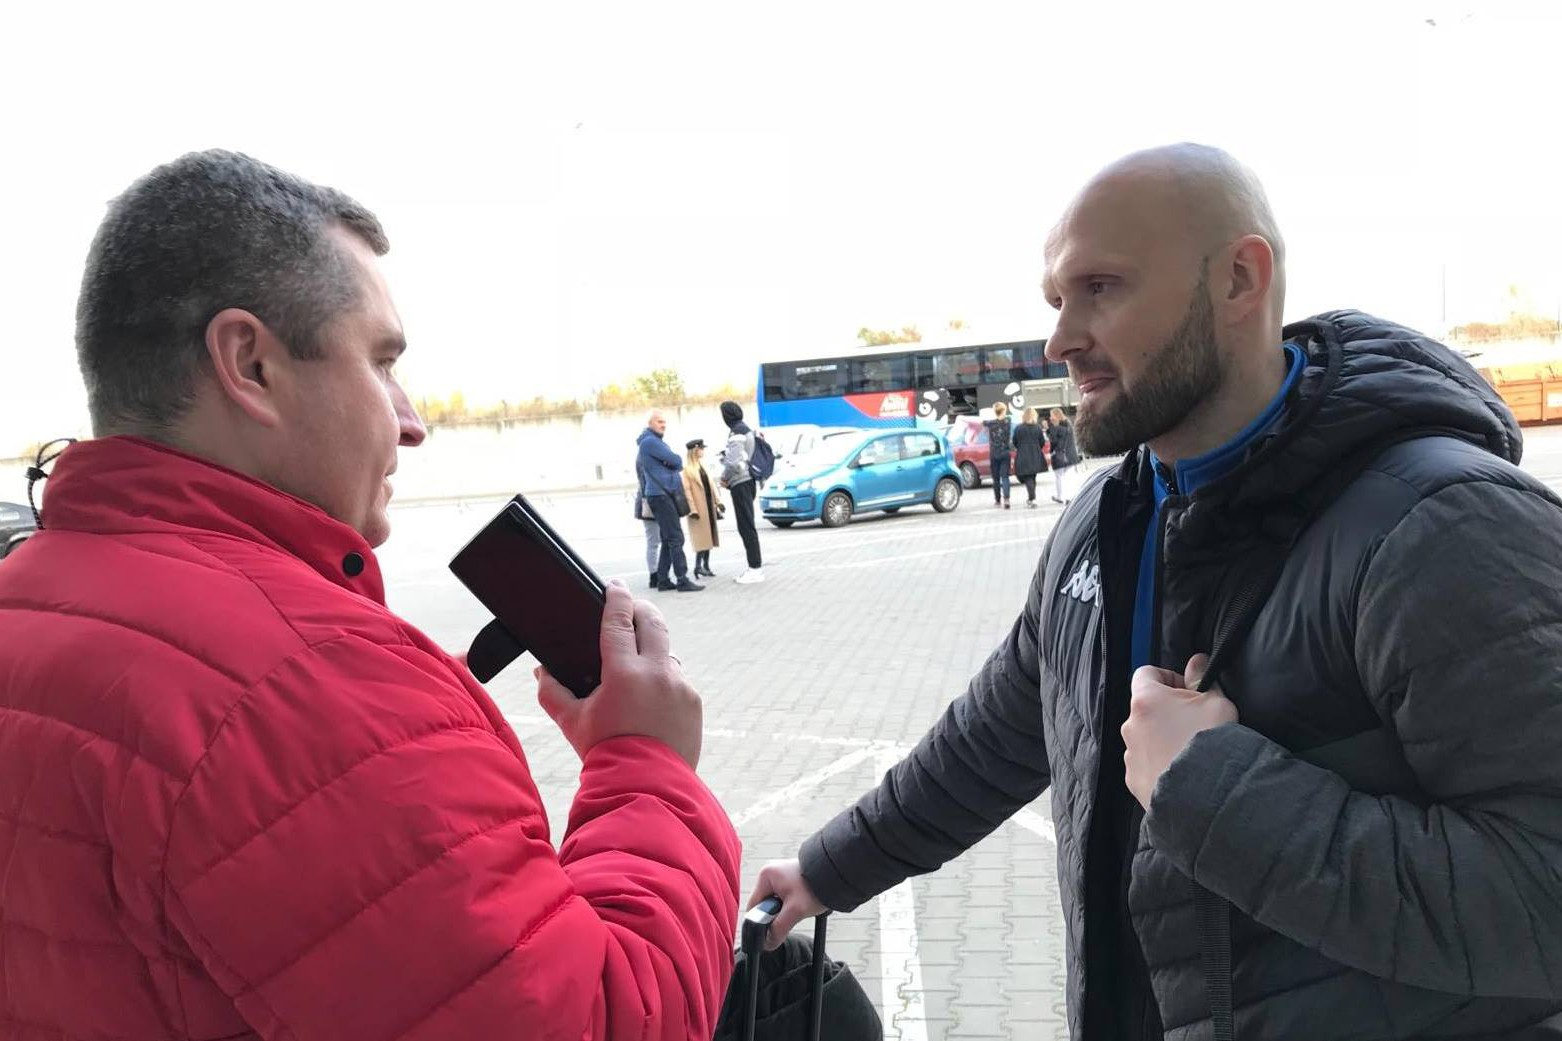 Termos z Podcastem #47 Parzeński po Sopocie, Woźniak przed Avellino